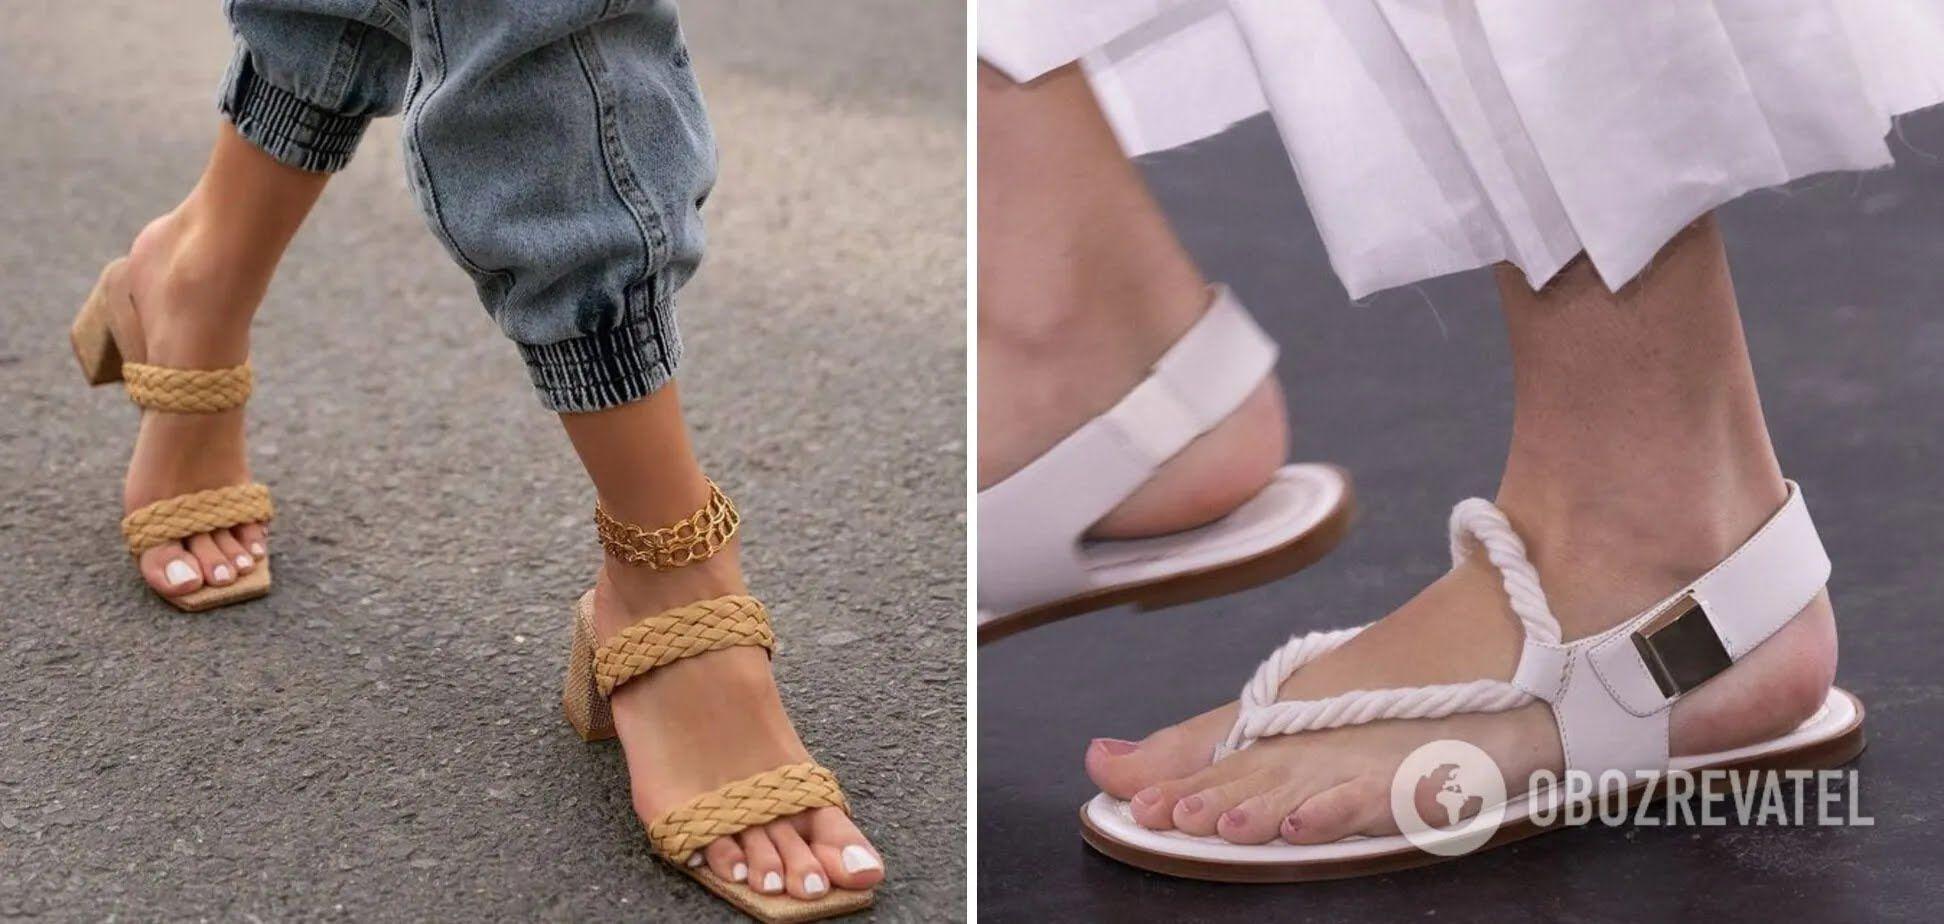 Трендове літнє взуття 2021 – босоніжки з широкими ременями